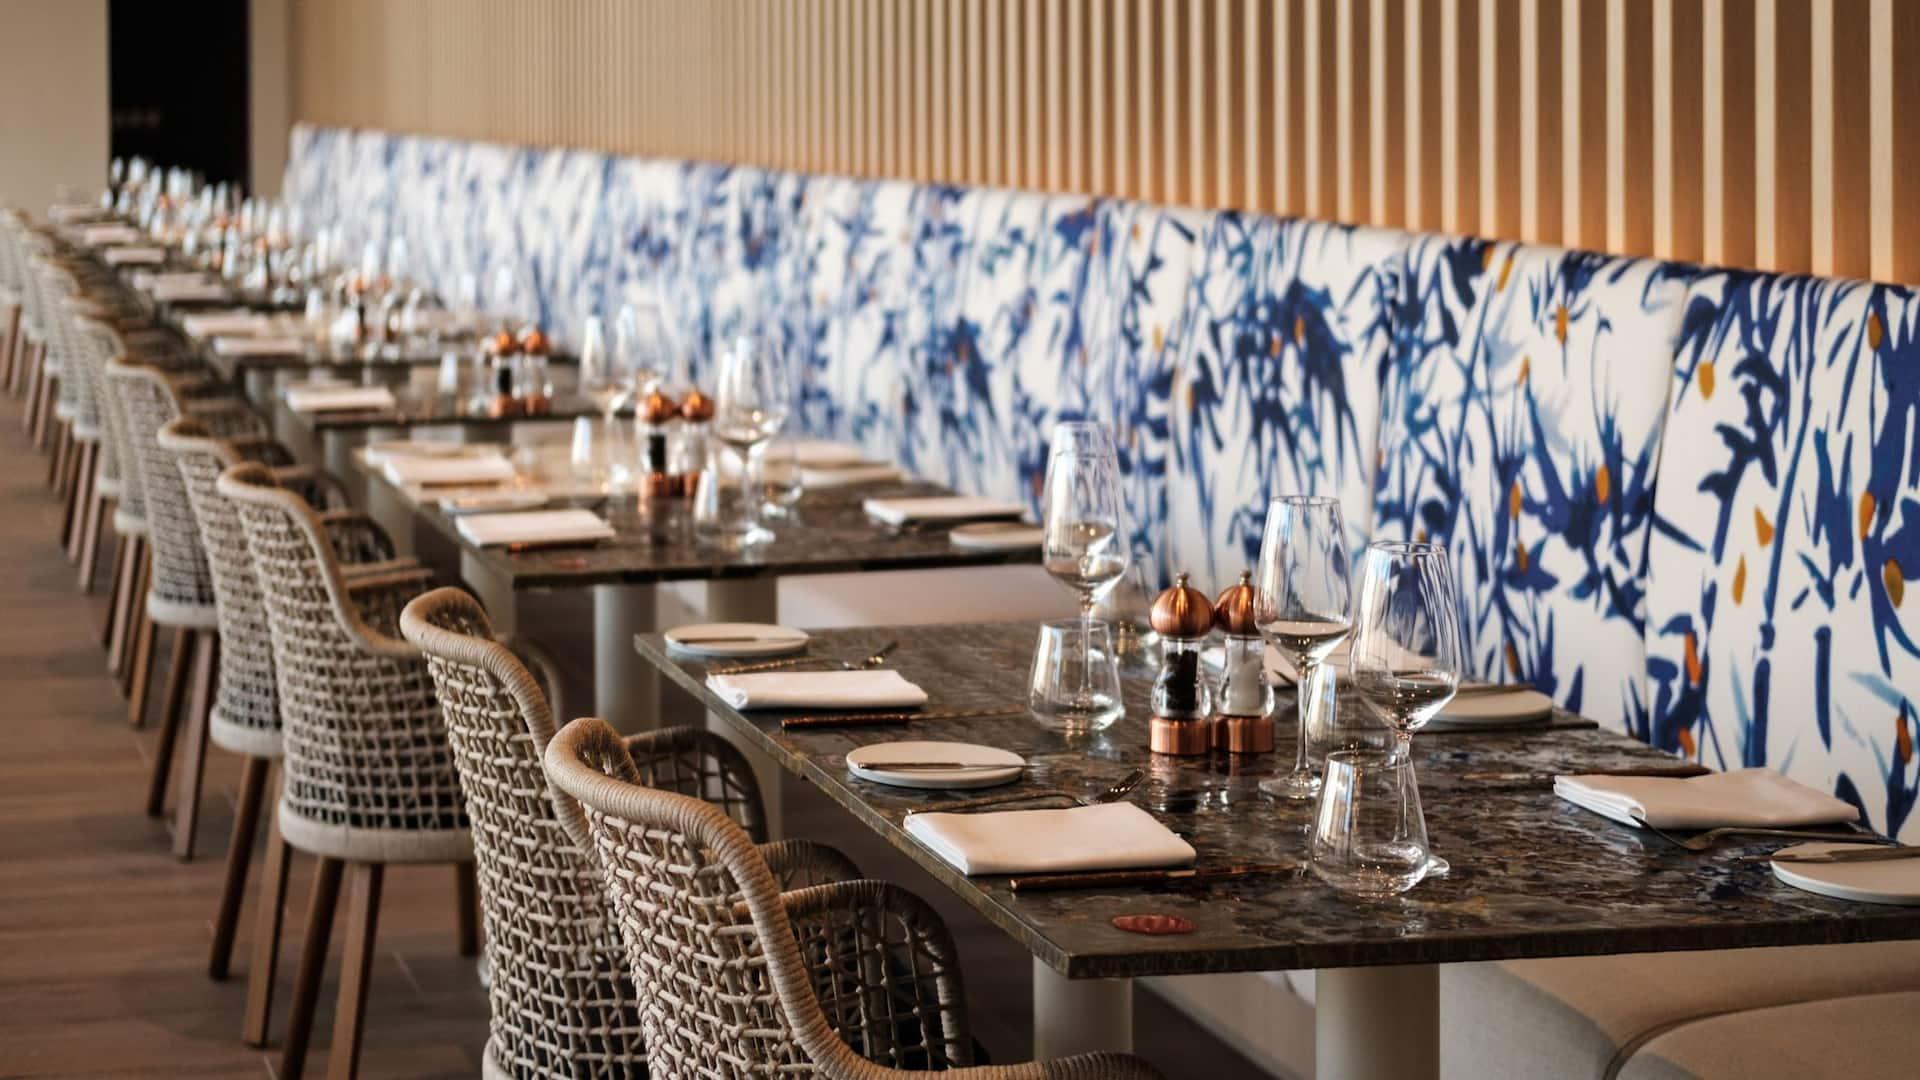 Hyatt Regency Malta Restaurant Seating